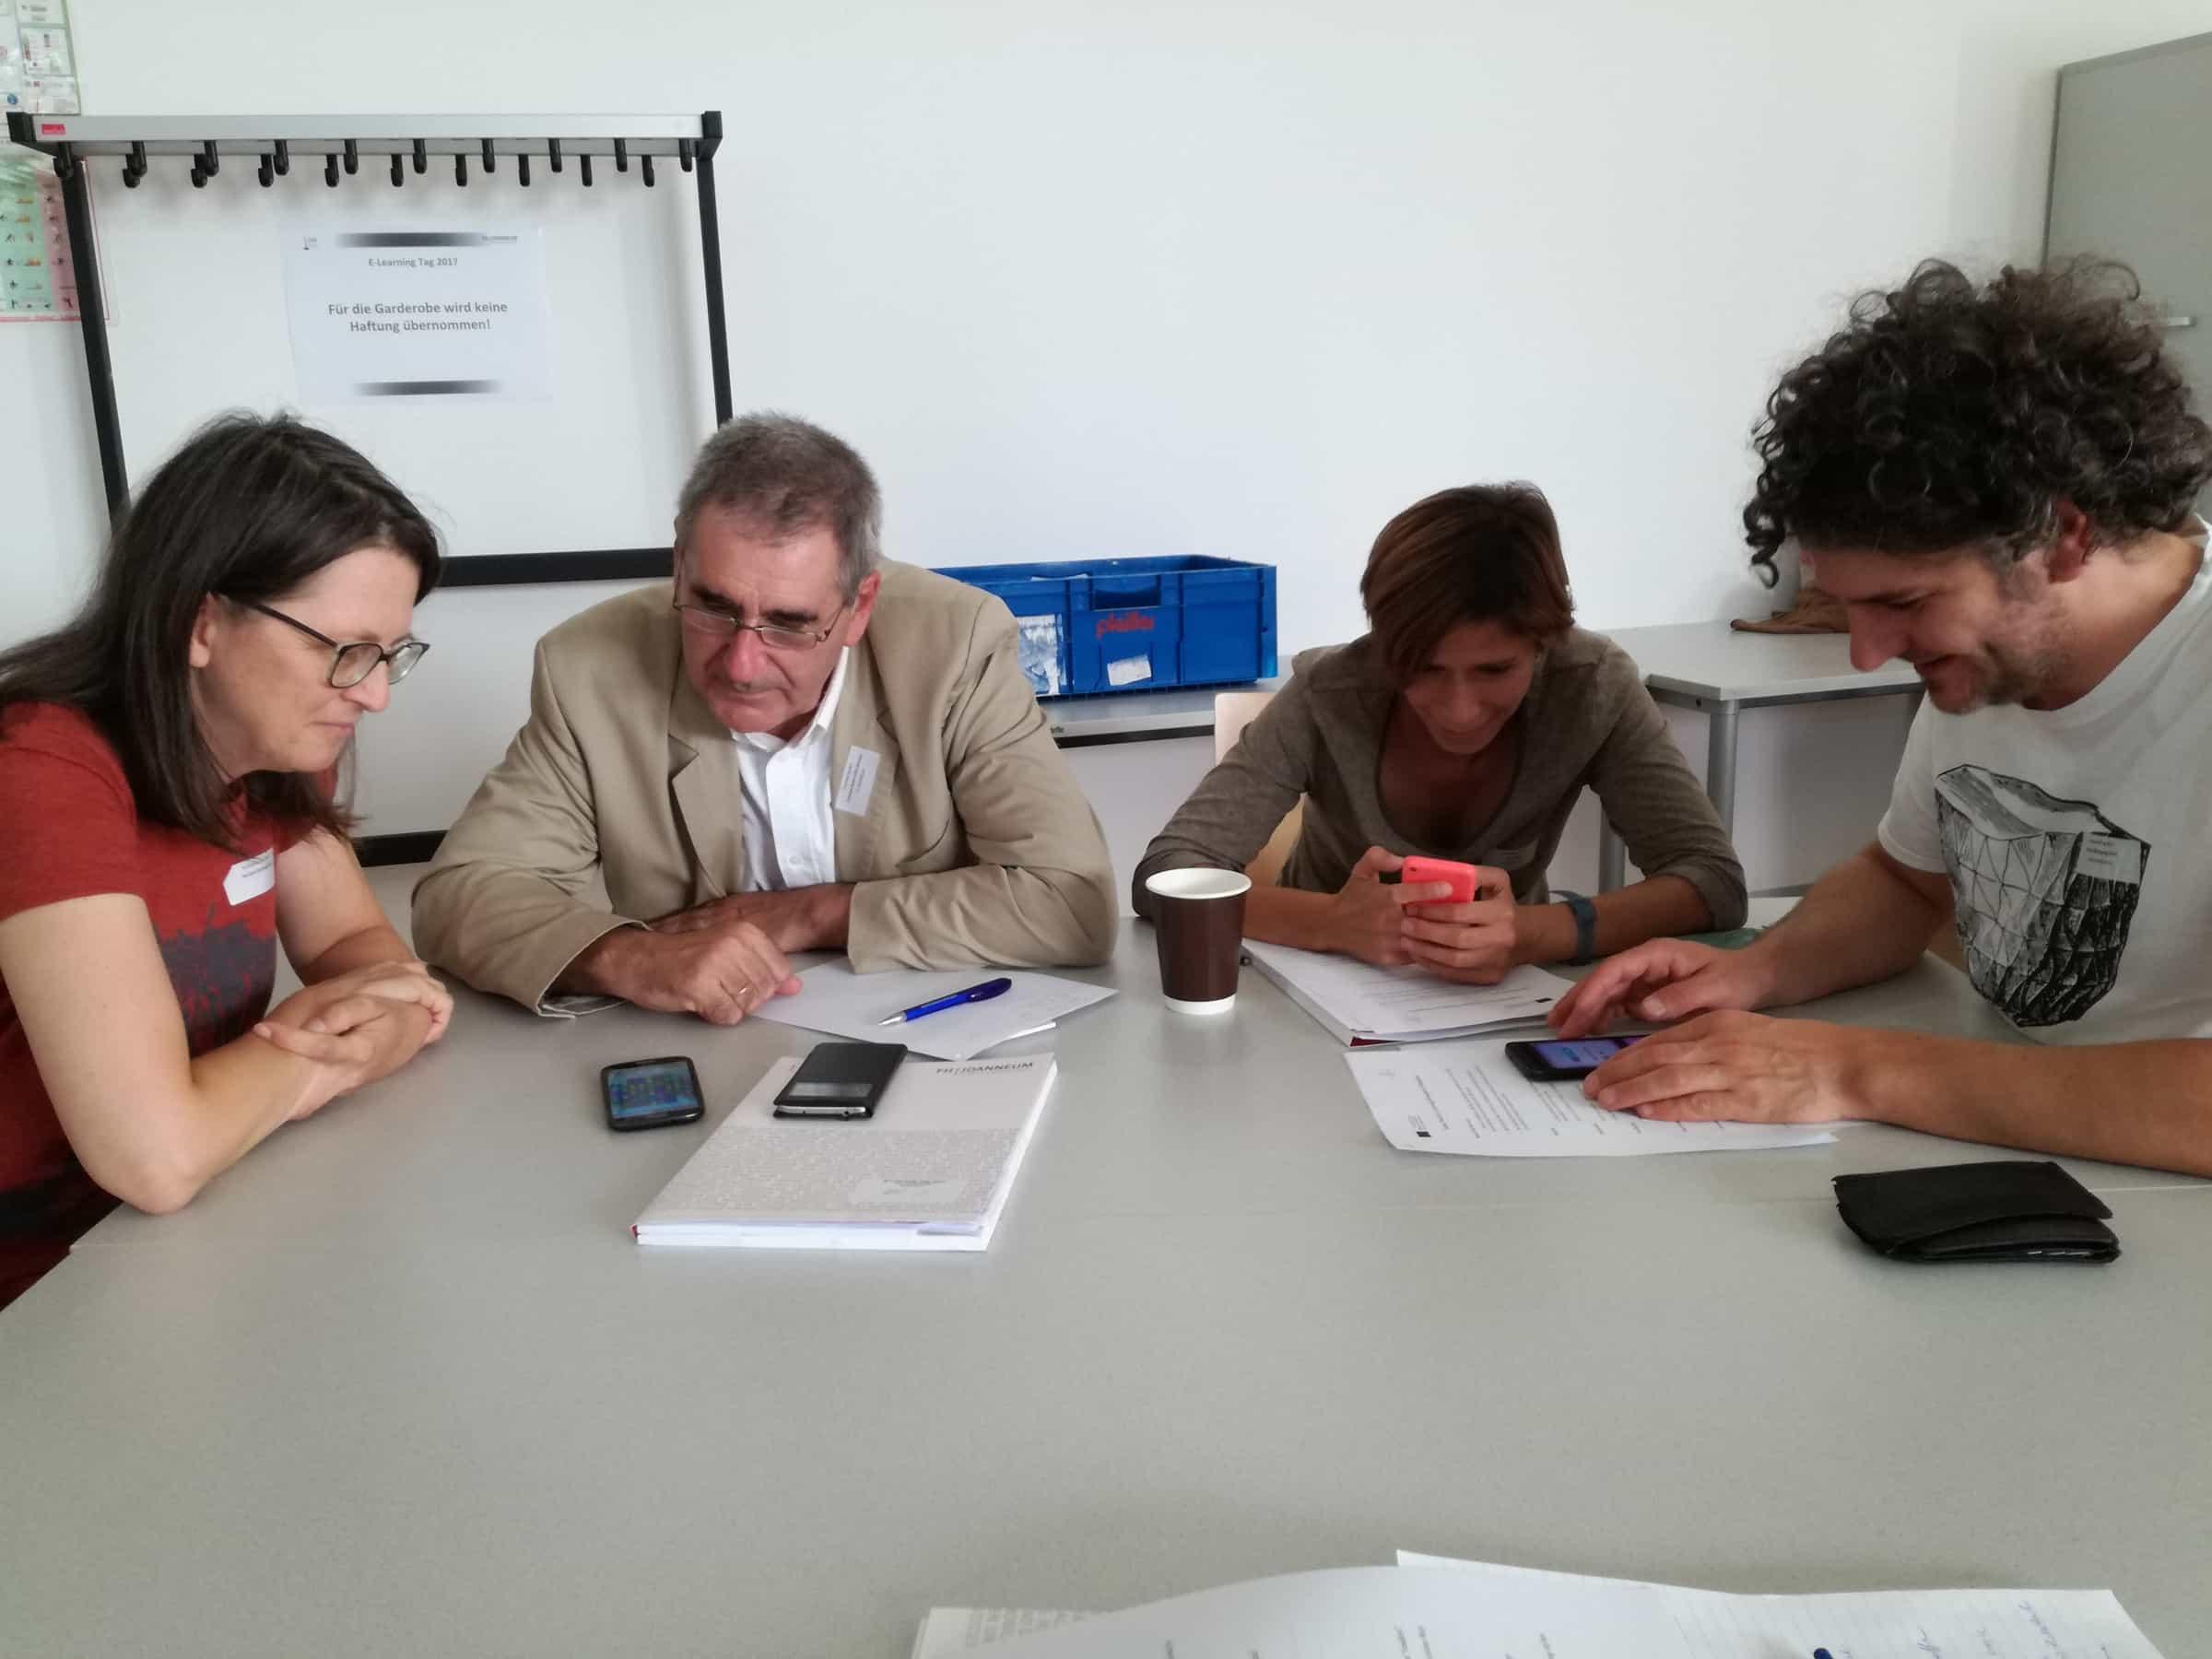 Teilnehmerinnen und Teilnehmer beim Spielen mit ihren Smartphones.